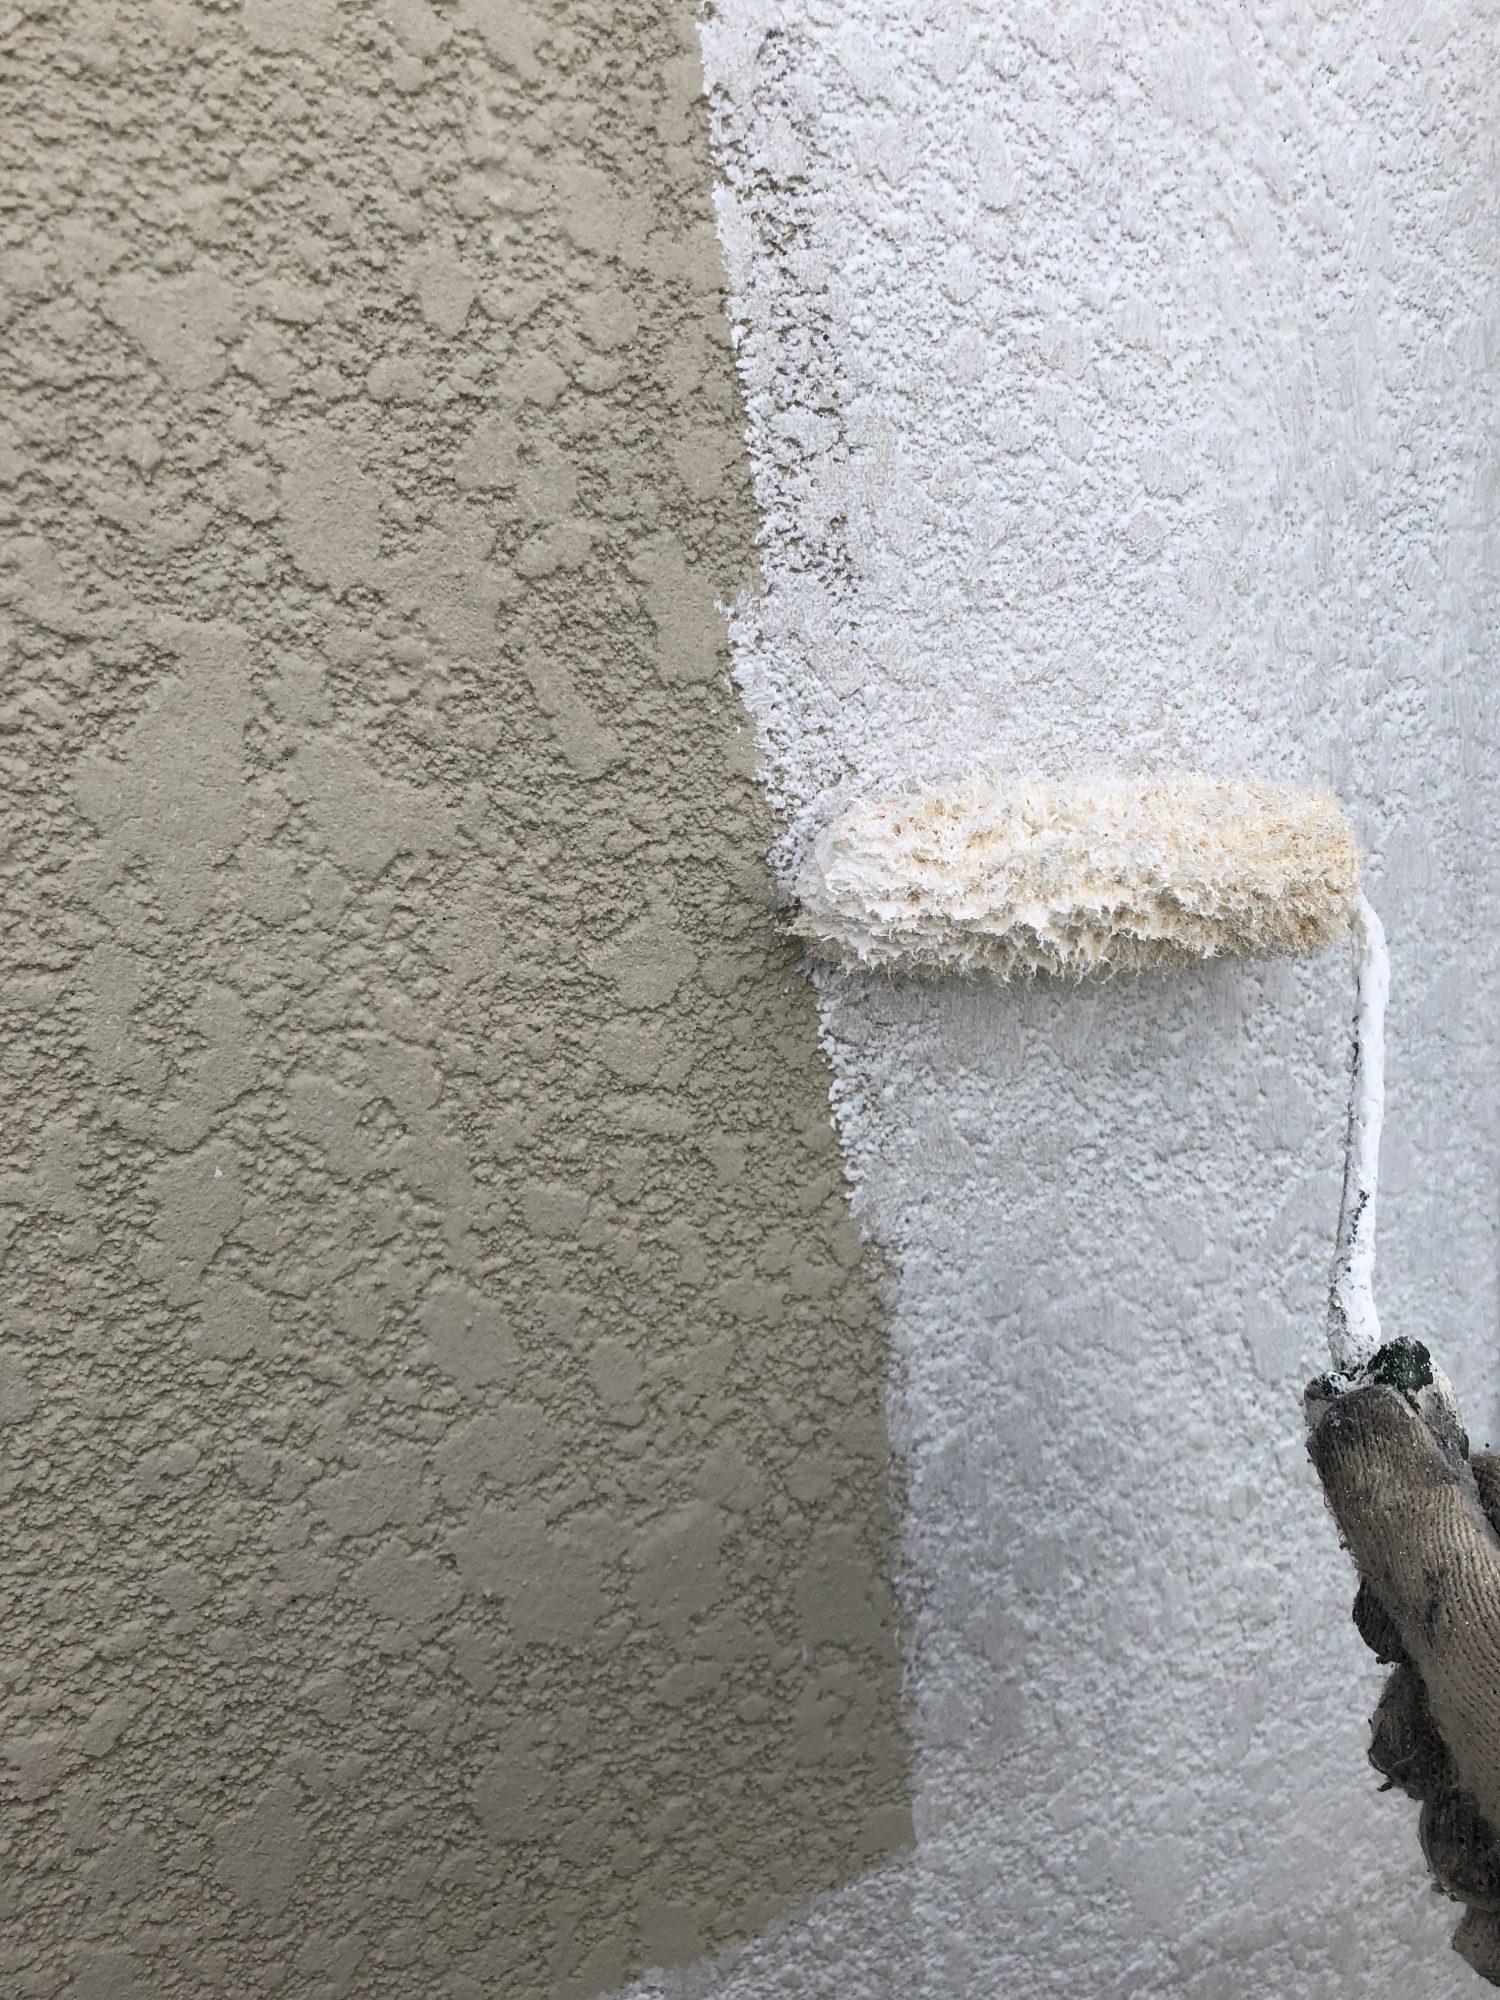 大網白里市S様邸屋根外壁塗装工事